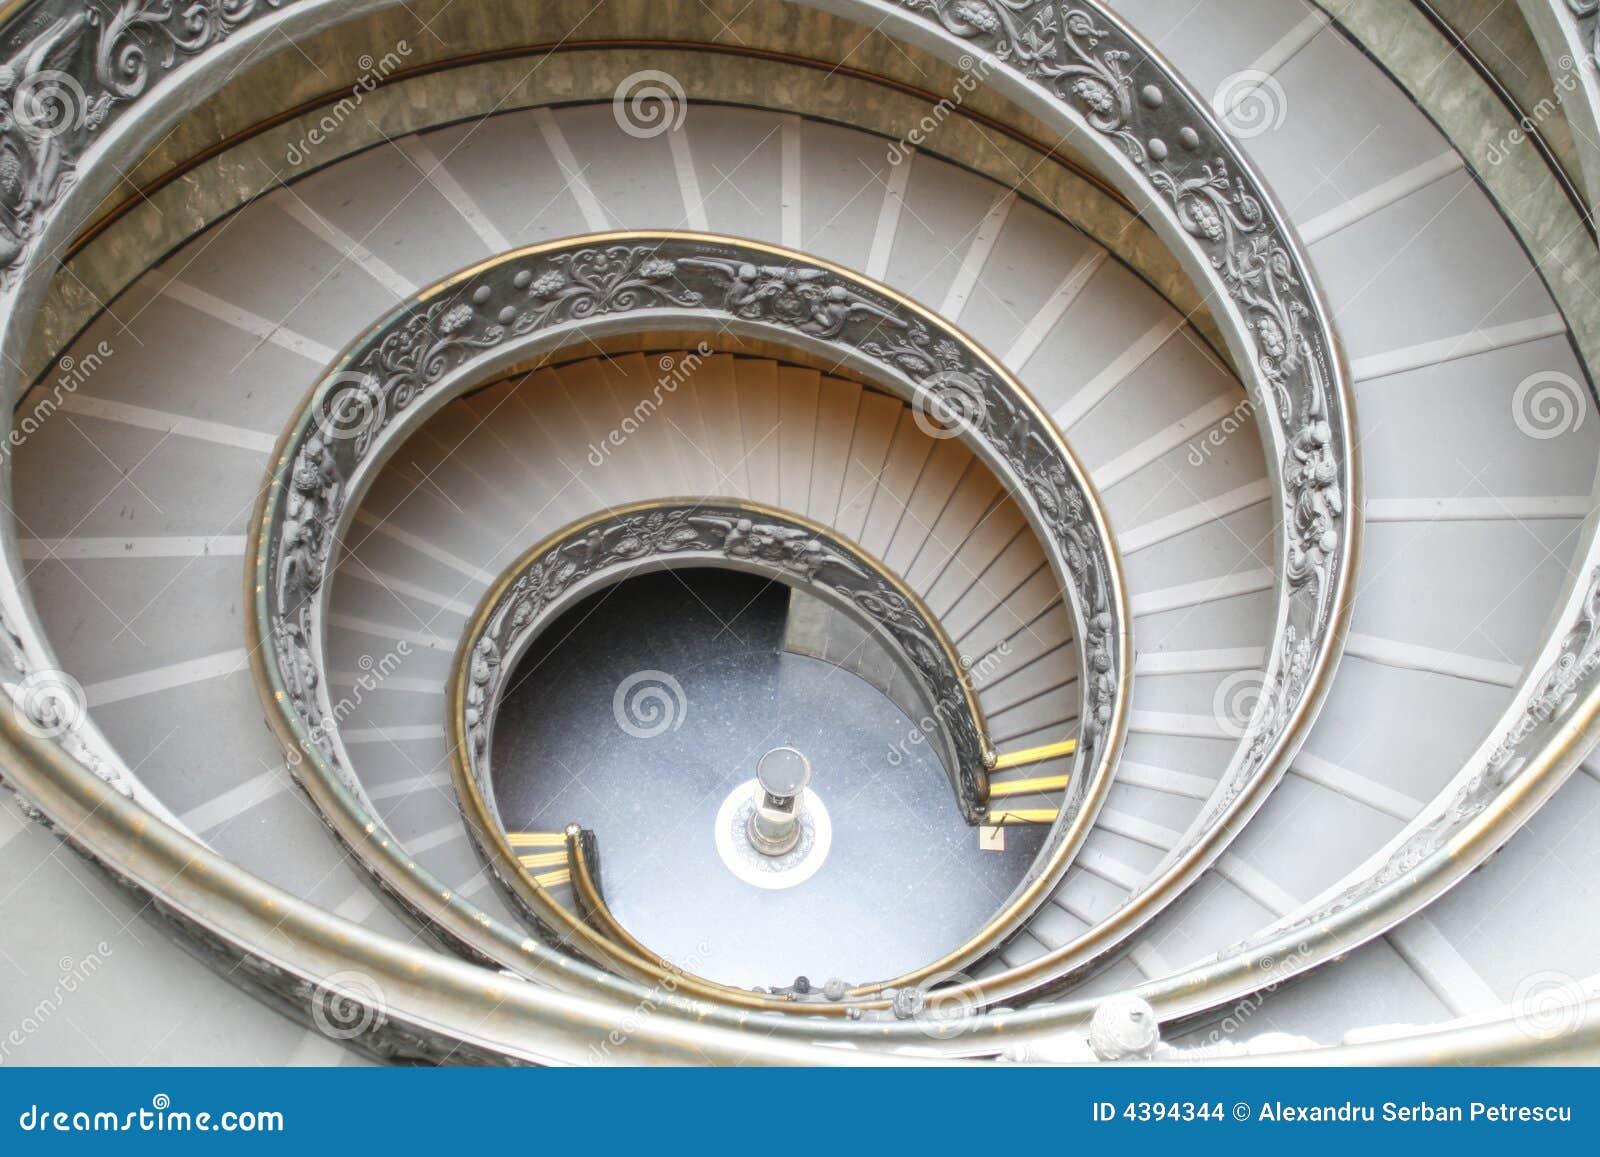 Scale circolari immagine stock editoriale immagine di immaginazione 4394344 - Immagini di scale ...